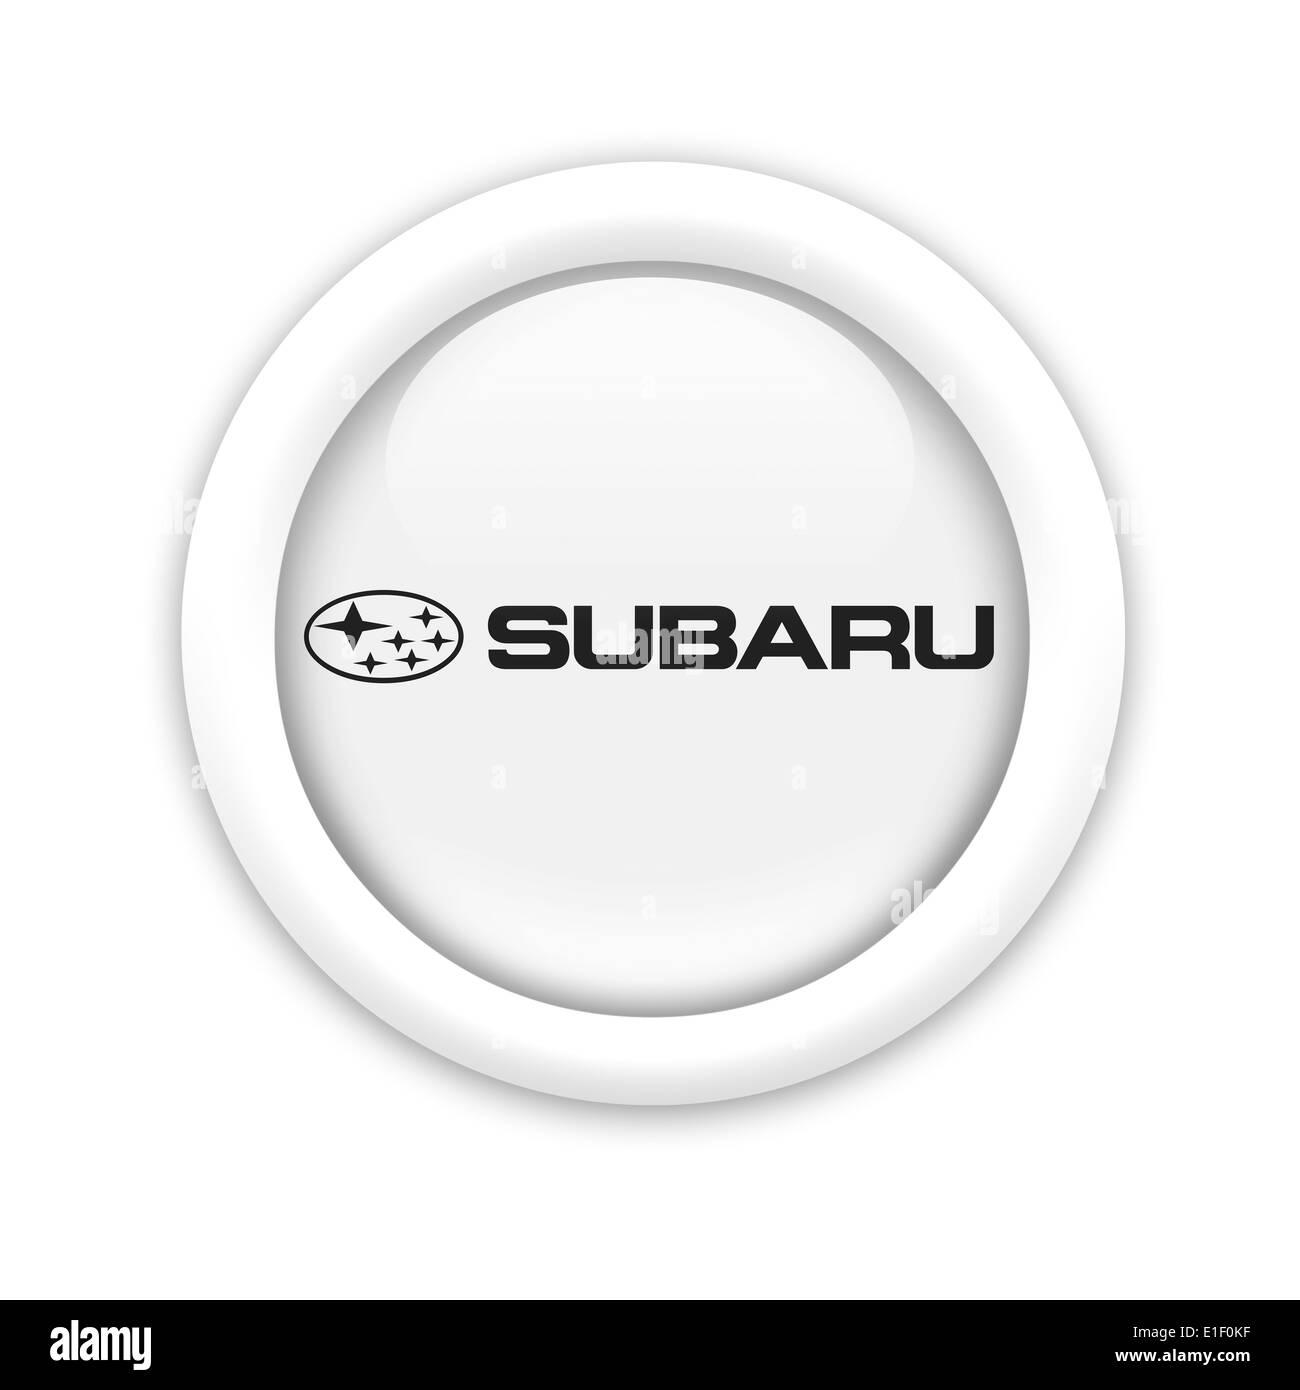 Subaru Logo Icon Flag Emblem Symbol Stock Photo 69785955 Alamy